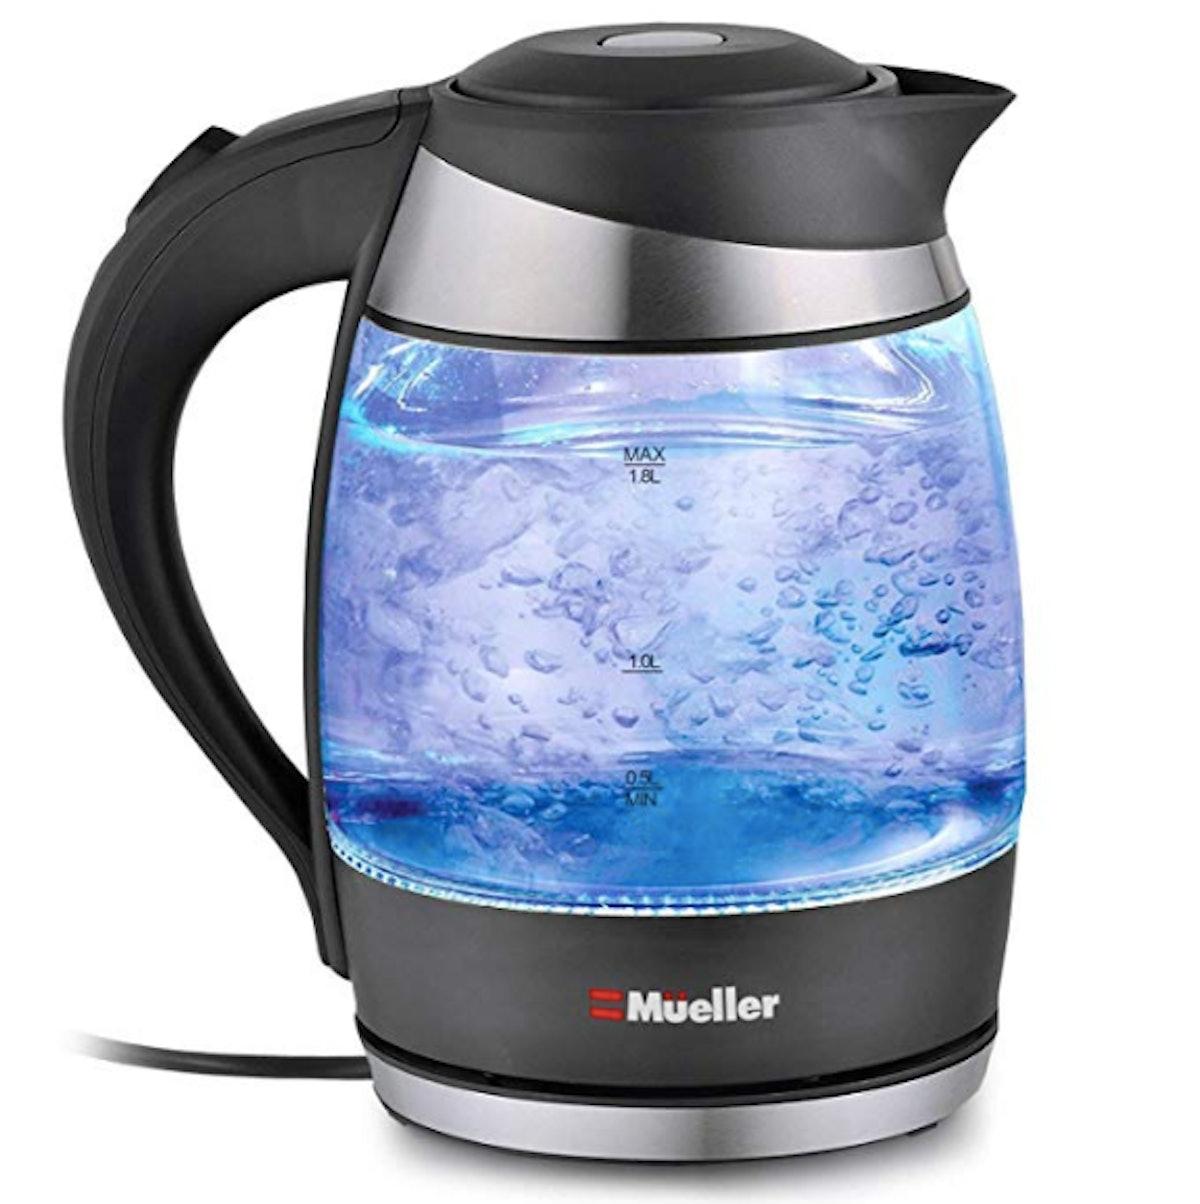 Mueller Austria Electric Kettle Water Heater